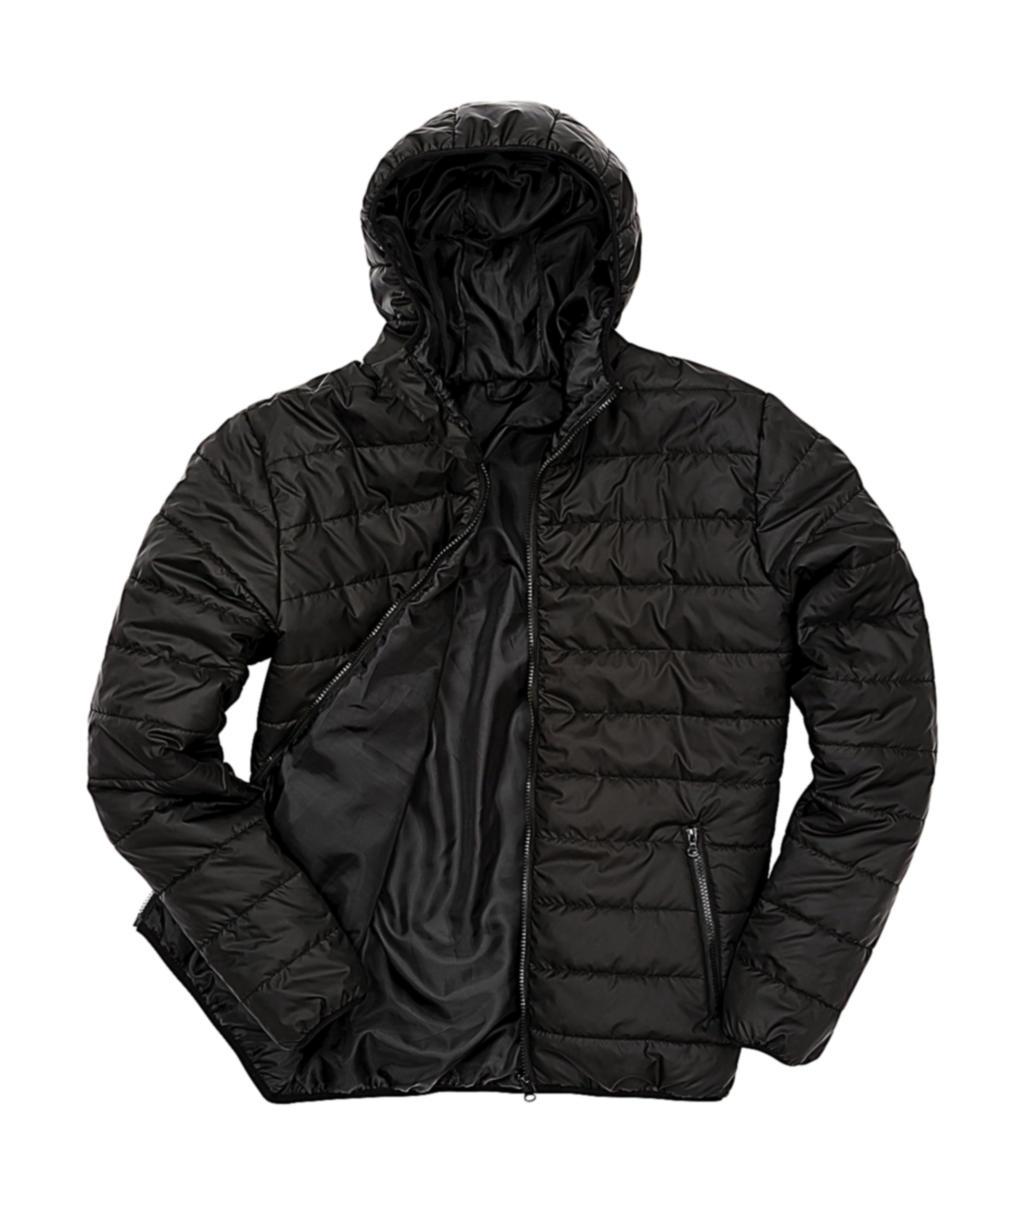 Polstrovaná bunda s kapucí - zvìtšit obrázek